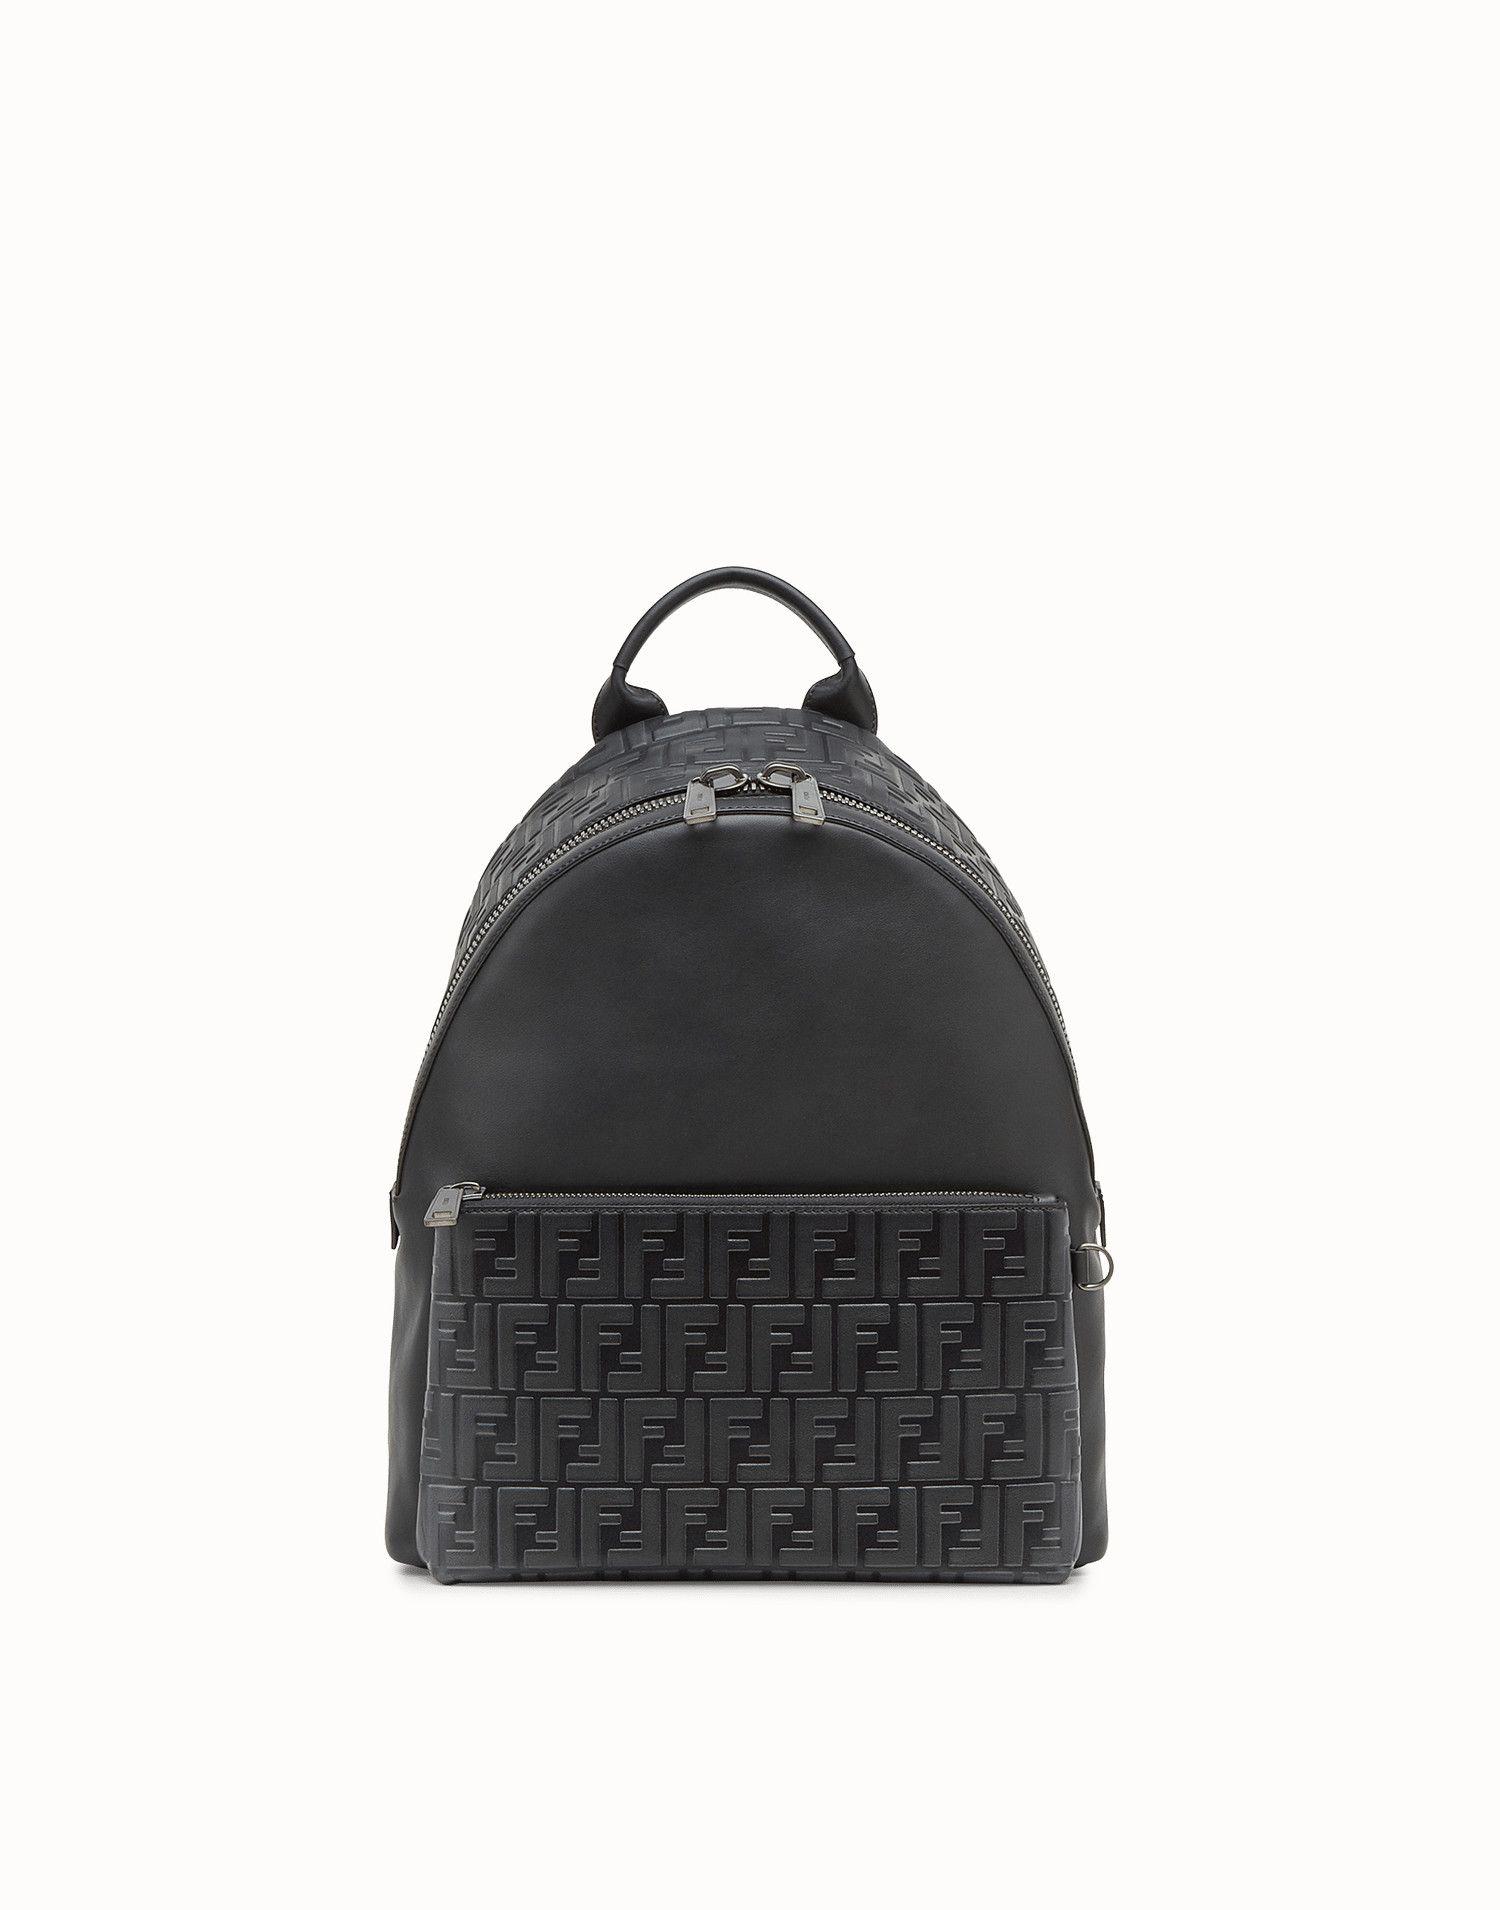 0d5a7f41b8ed Bulletproof Fendi Backpack Customized Product